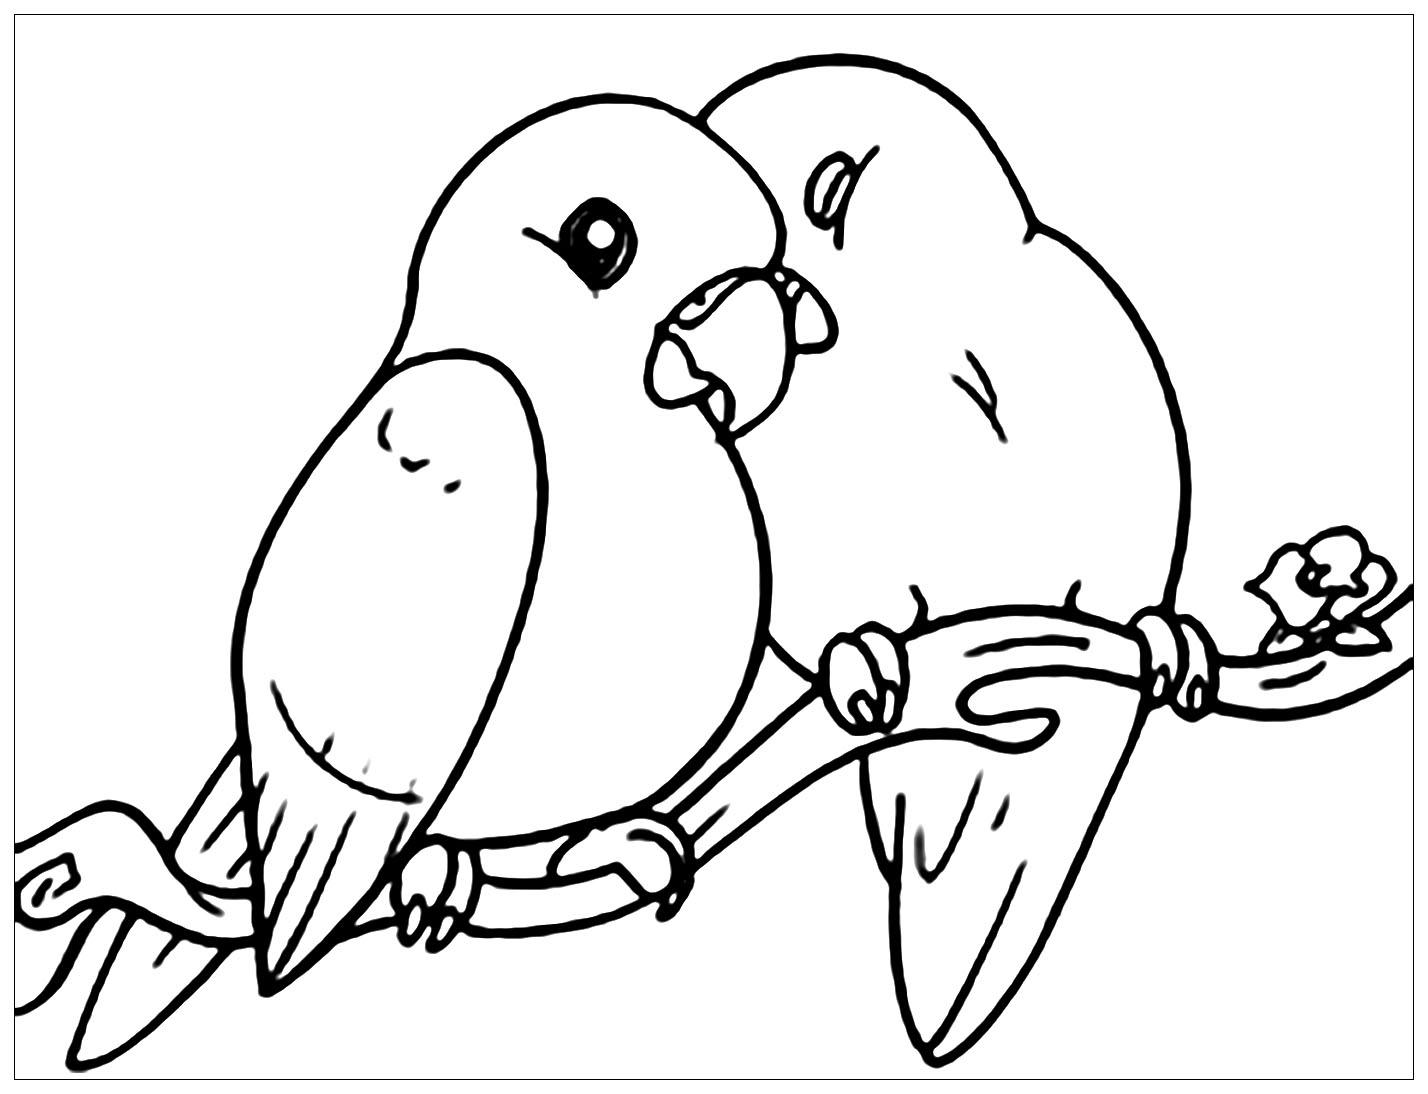 Tranh tô màu hai chú chim tựa vào nhau